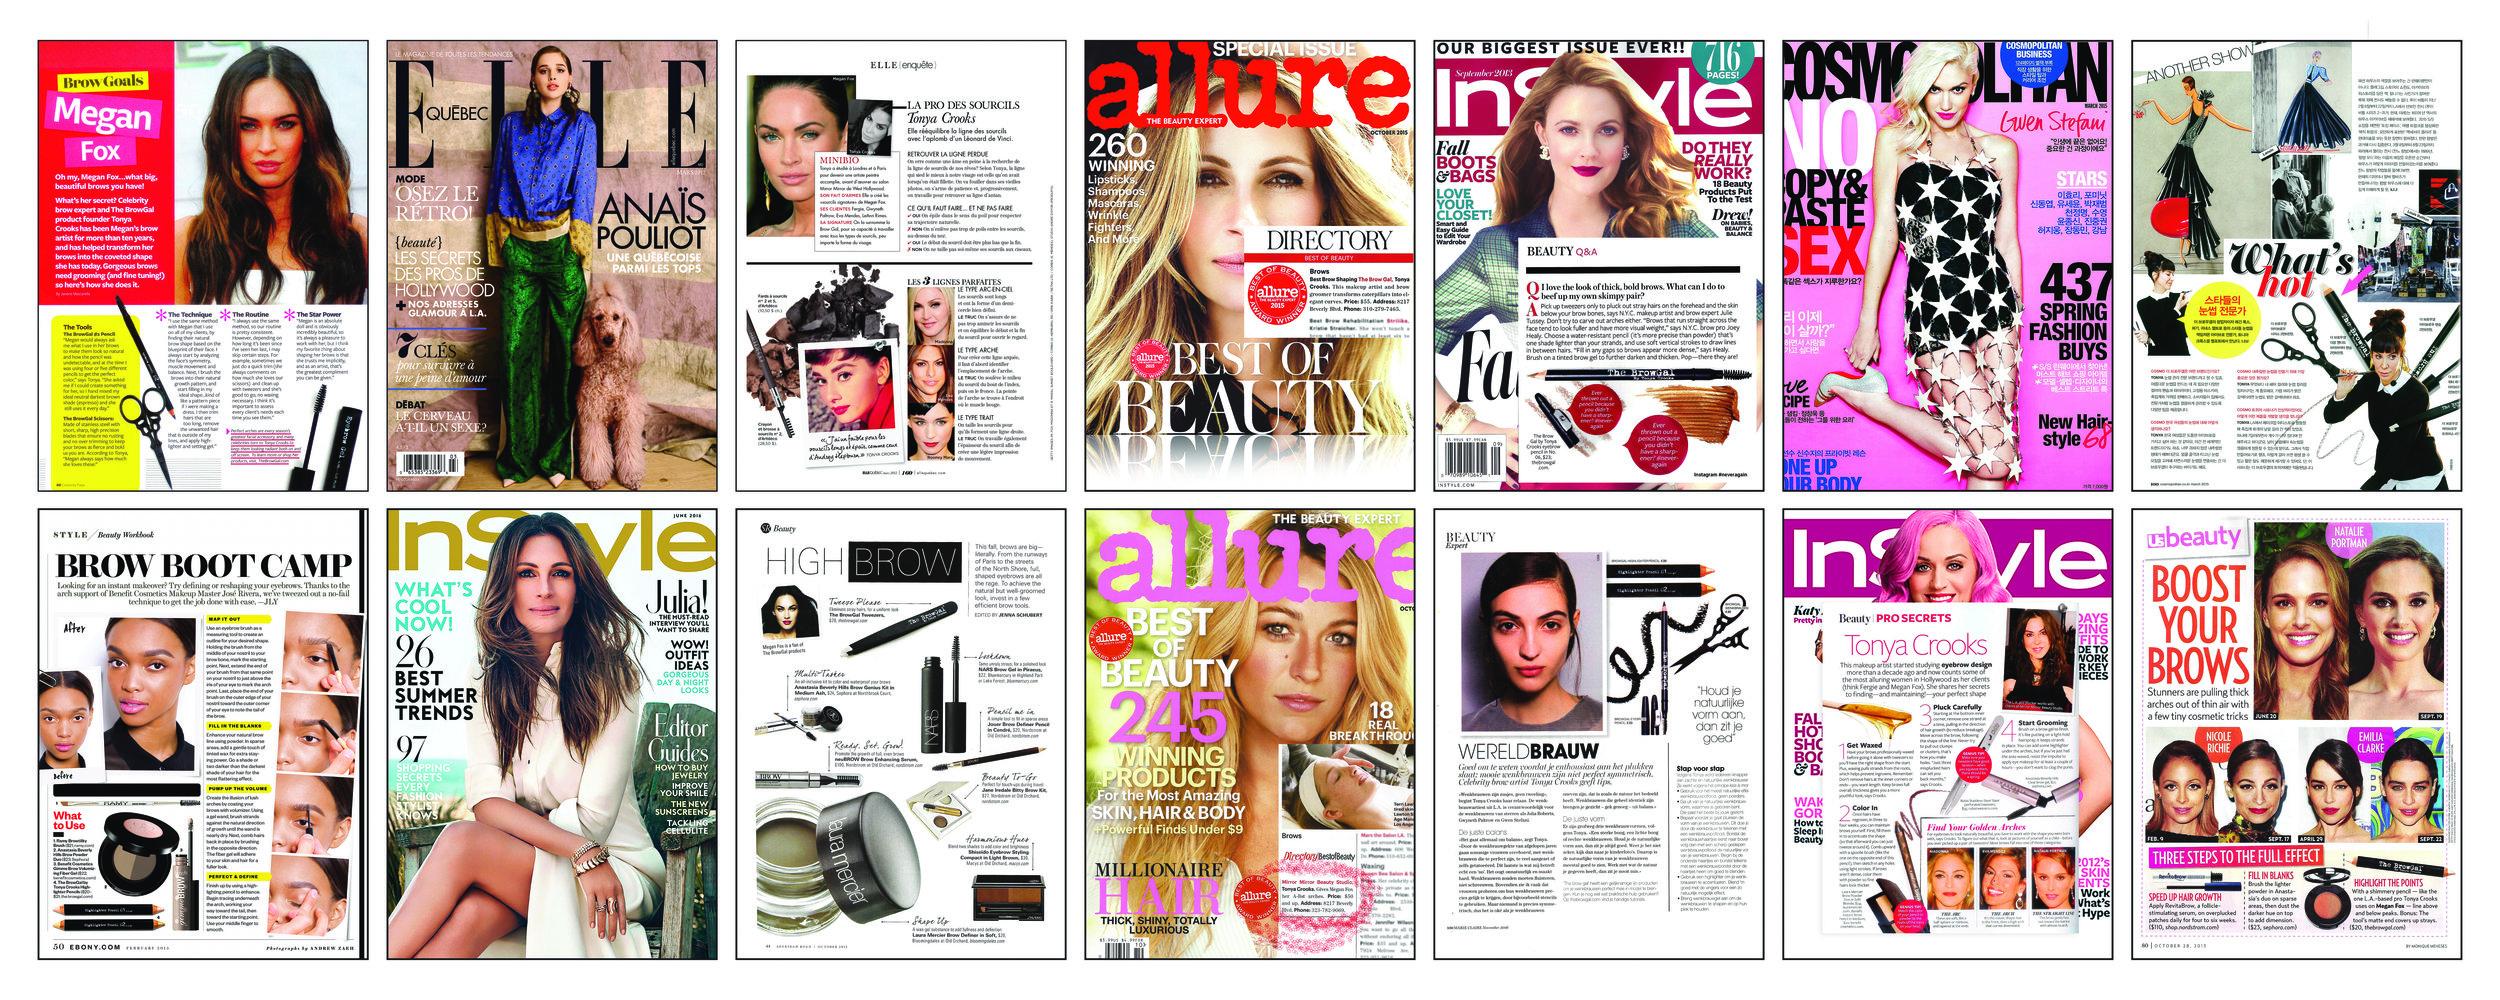 BrowGalPress60x24Banner.jpg